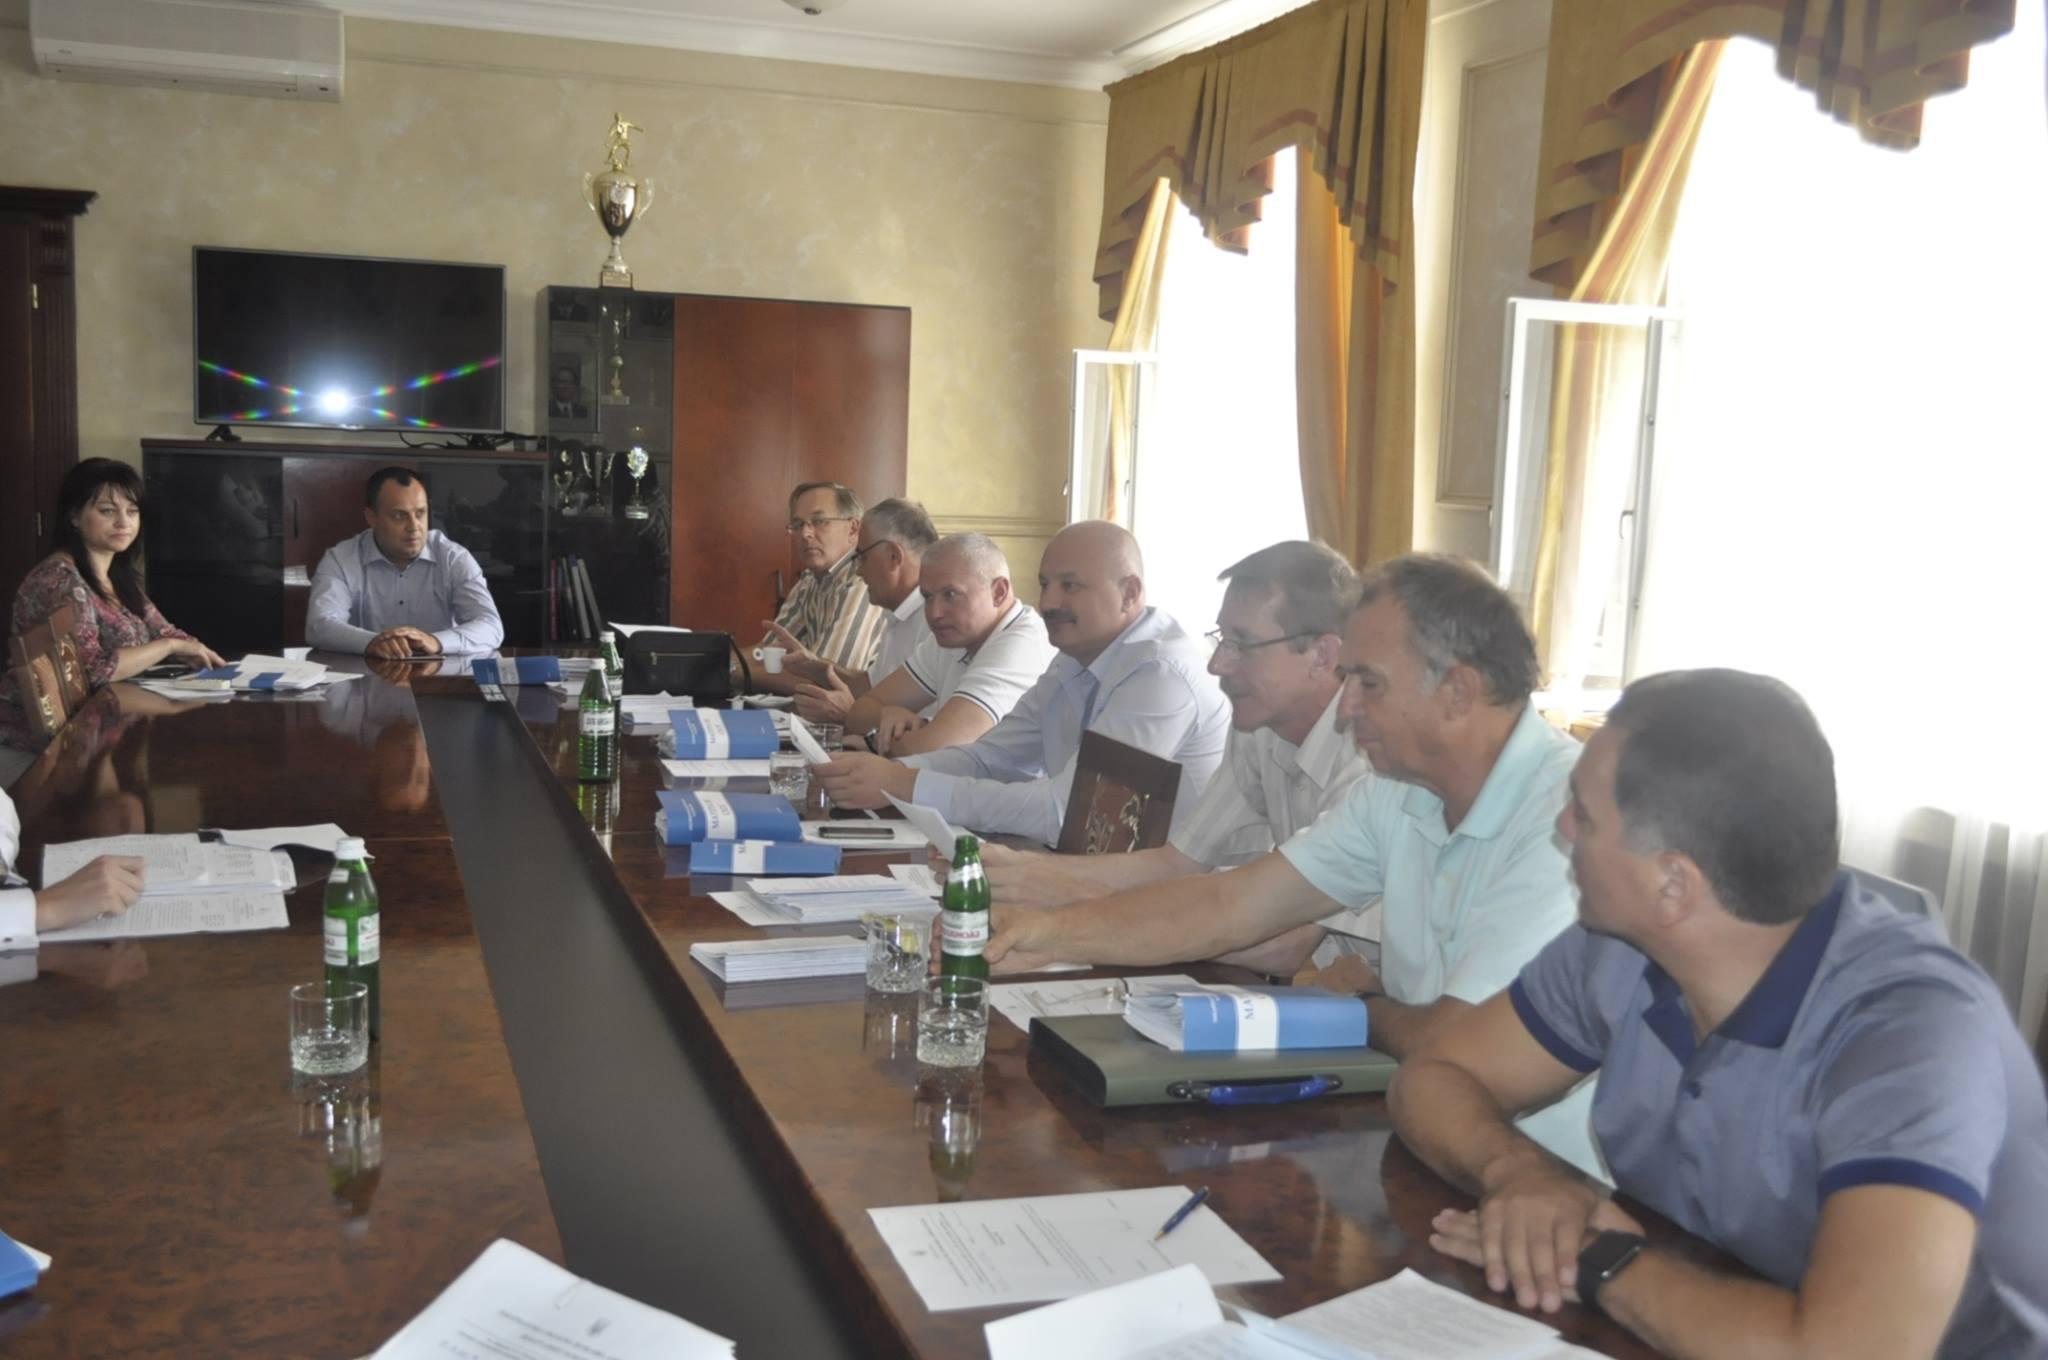 Обласні депутати обговорили план територій громад Закарпатської області